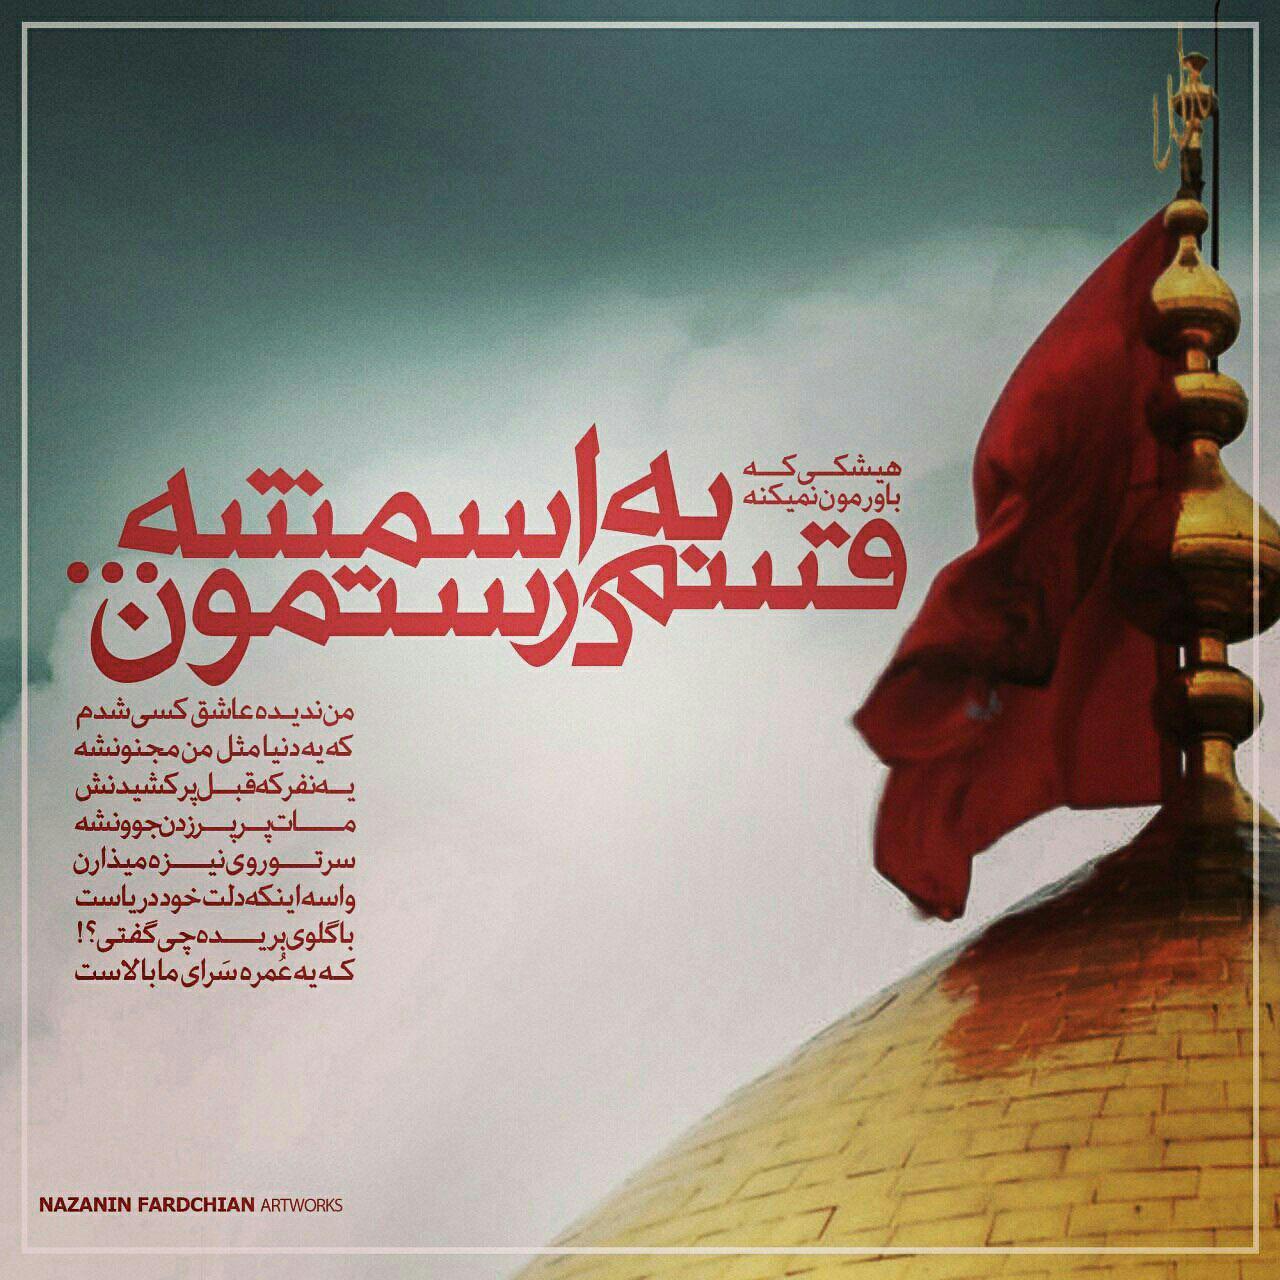 دانلود آهنگ جدید احسان خواجه امیری بنام منه عاشق